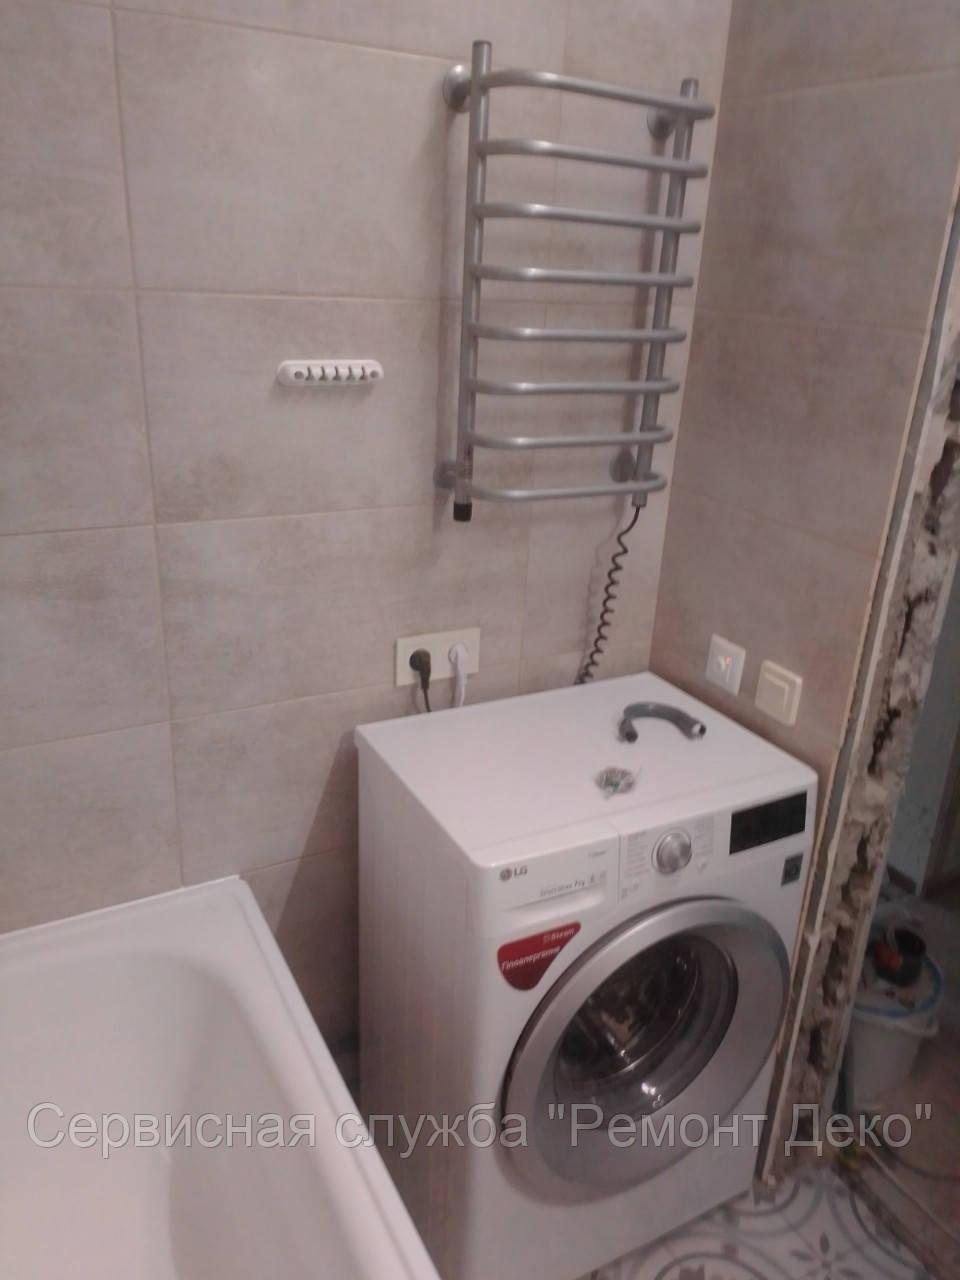 Вызов мастера по ремонту стиральной машинки на дом в Новомосковске. Ремонт и установка стиральных машин.